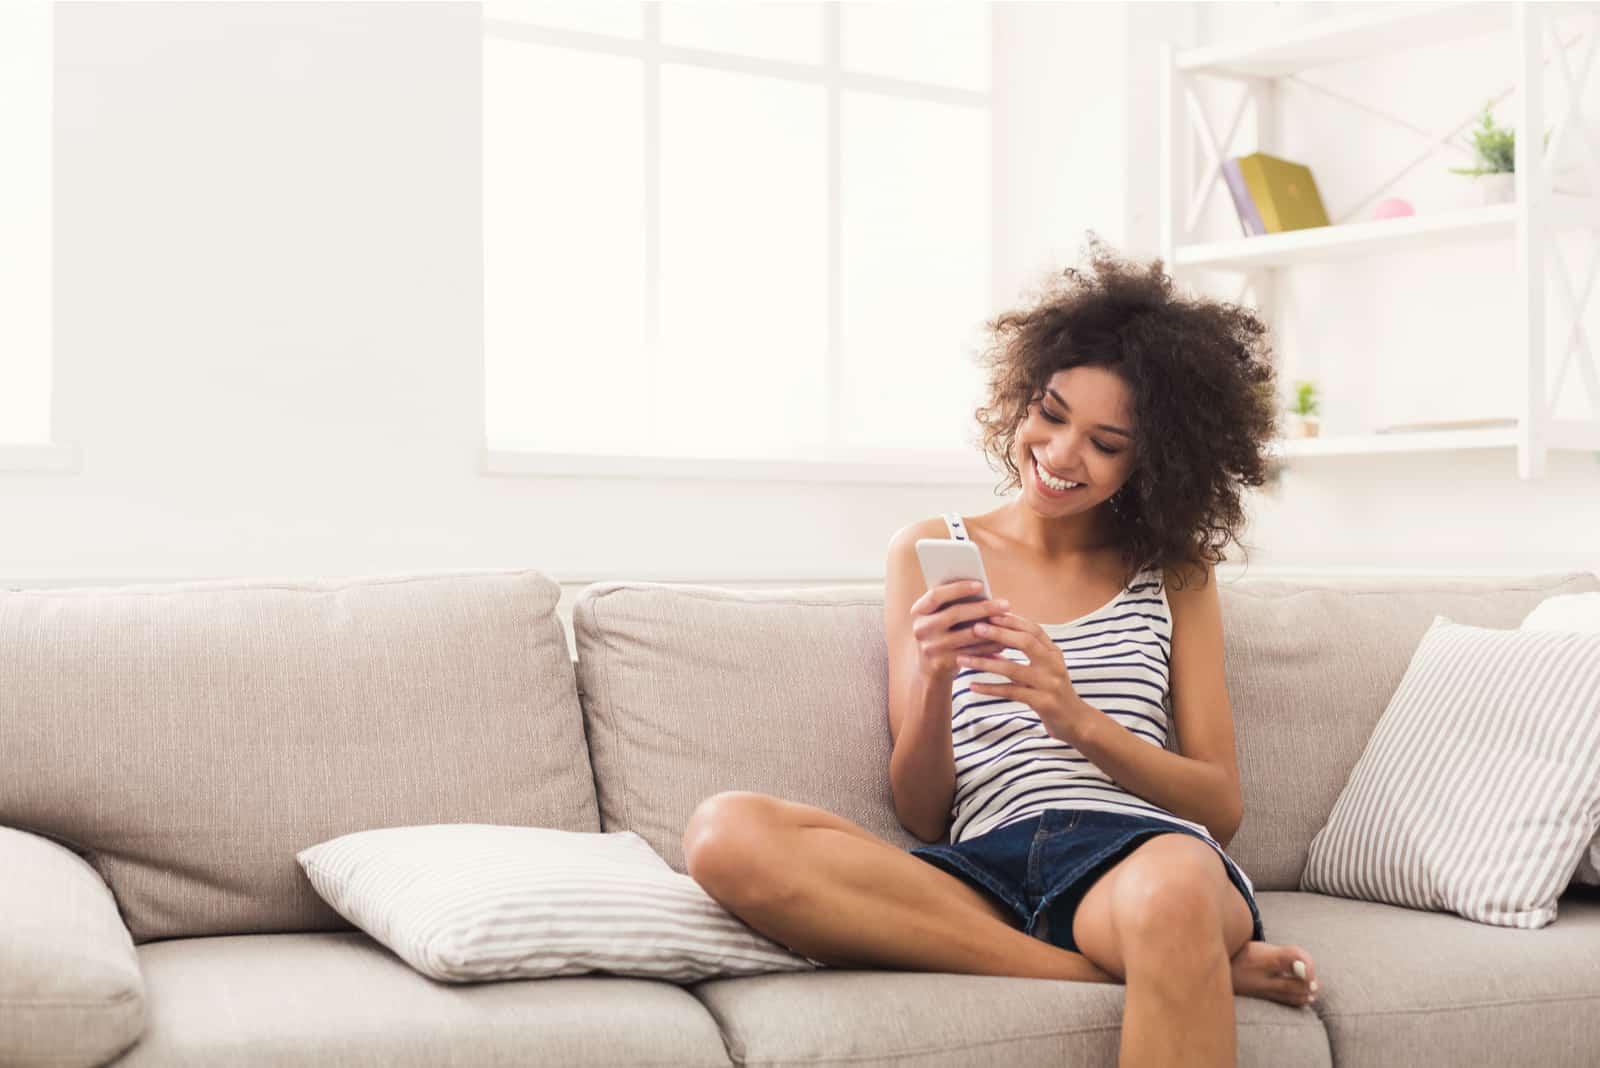 une femme souriante aux cheveux crépus est assise sur le canapé et tape au téléphone